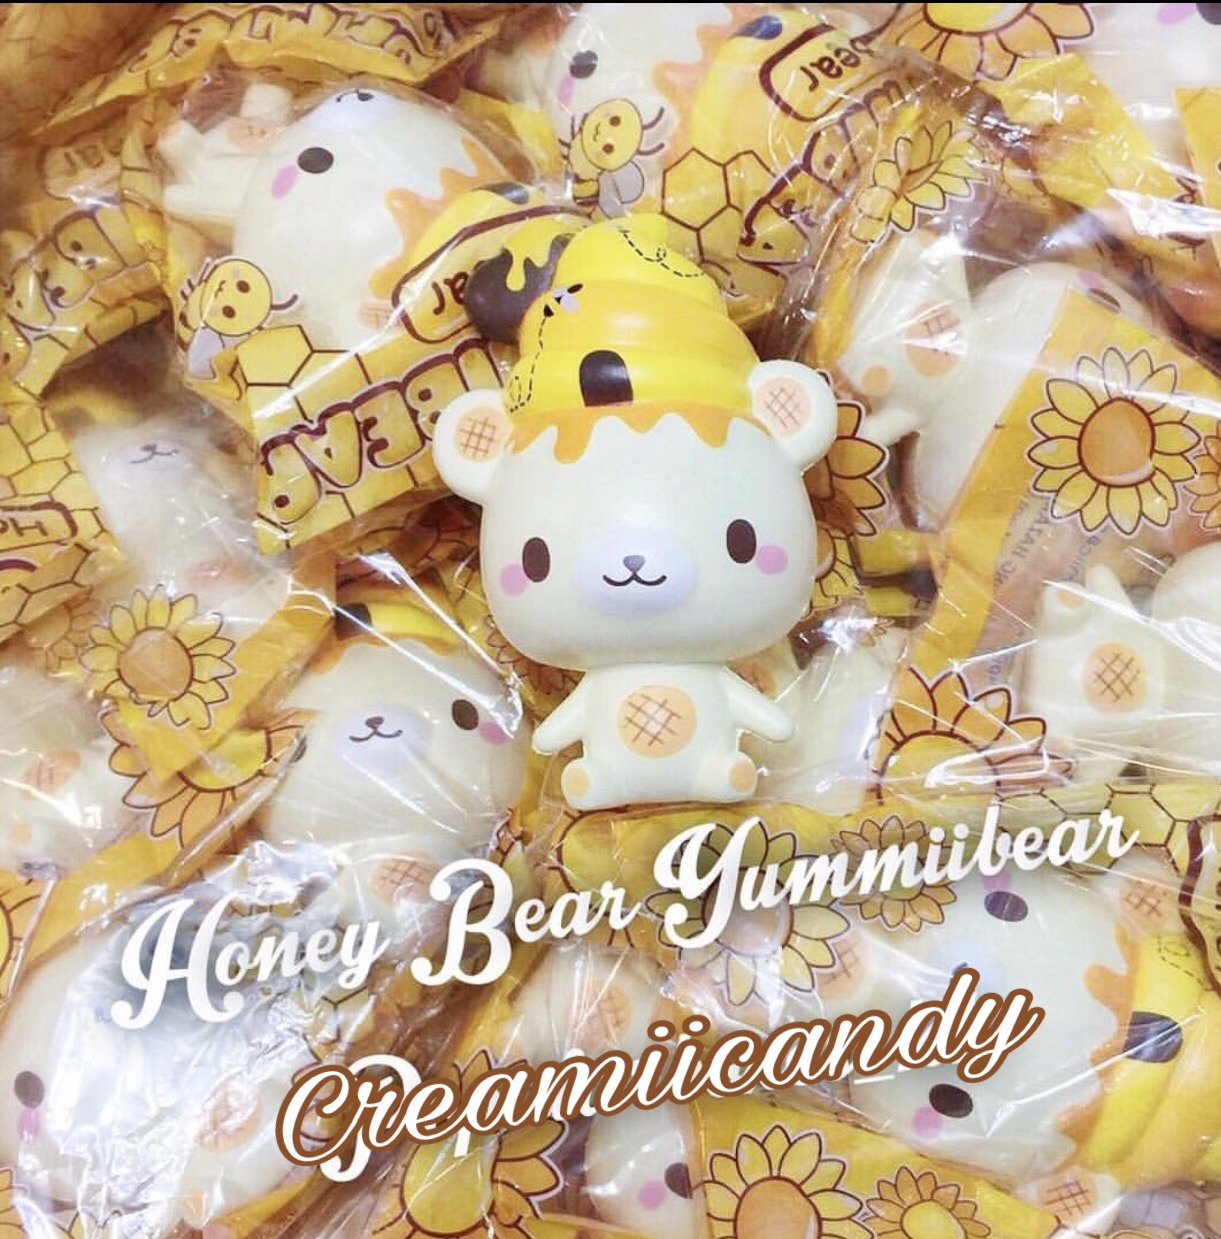 Squishy Baru 2018 : Honey scented Yummiibear bear Yummiibee! Creamiicandy x Puni Maru squishy